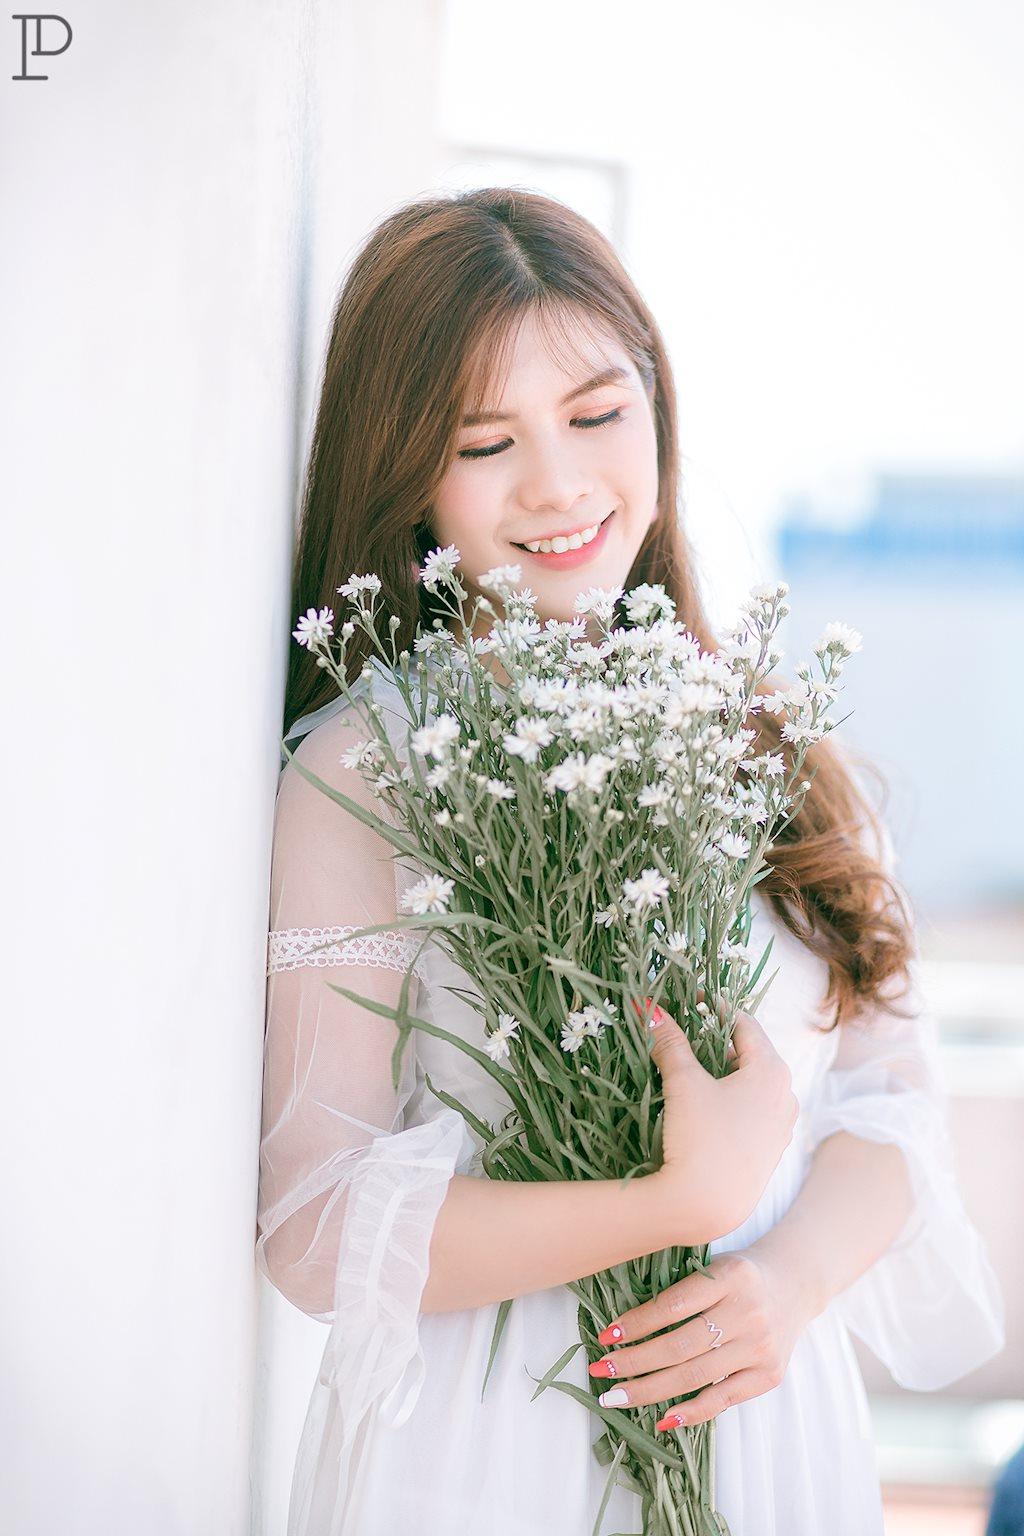 Dân mạng ngẩn ngơ ngắm vẻ đẹp dịu dàng trên sân thượng của hot girl Yến Hichii - Hình 3